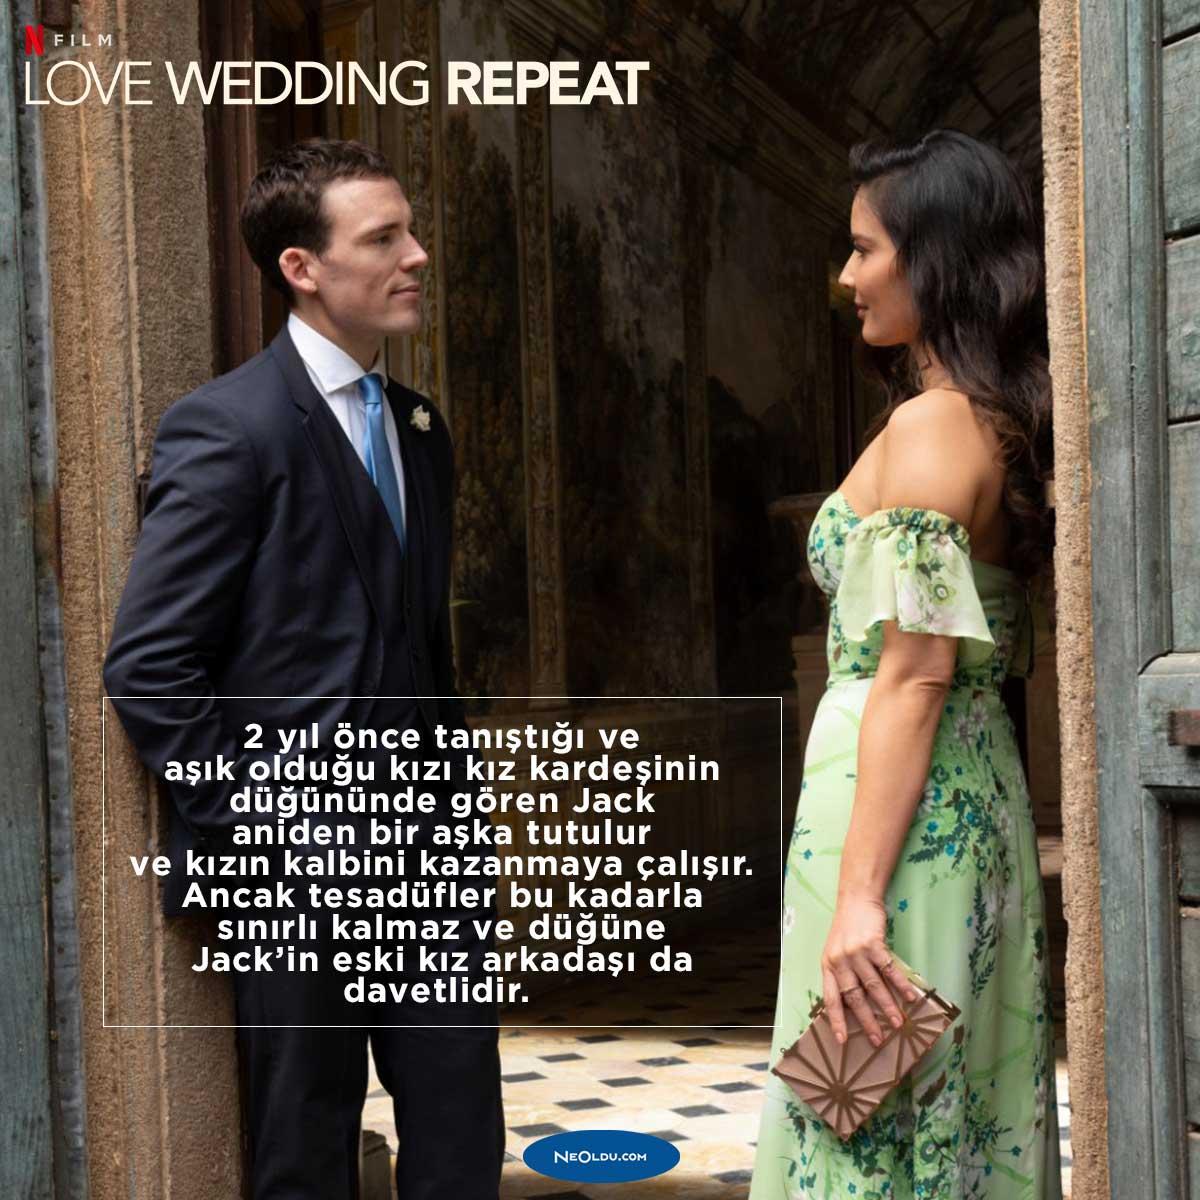 Love Wediing Repeat Filmi Hakkında Bilgiler